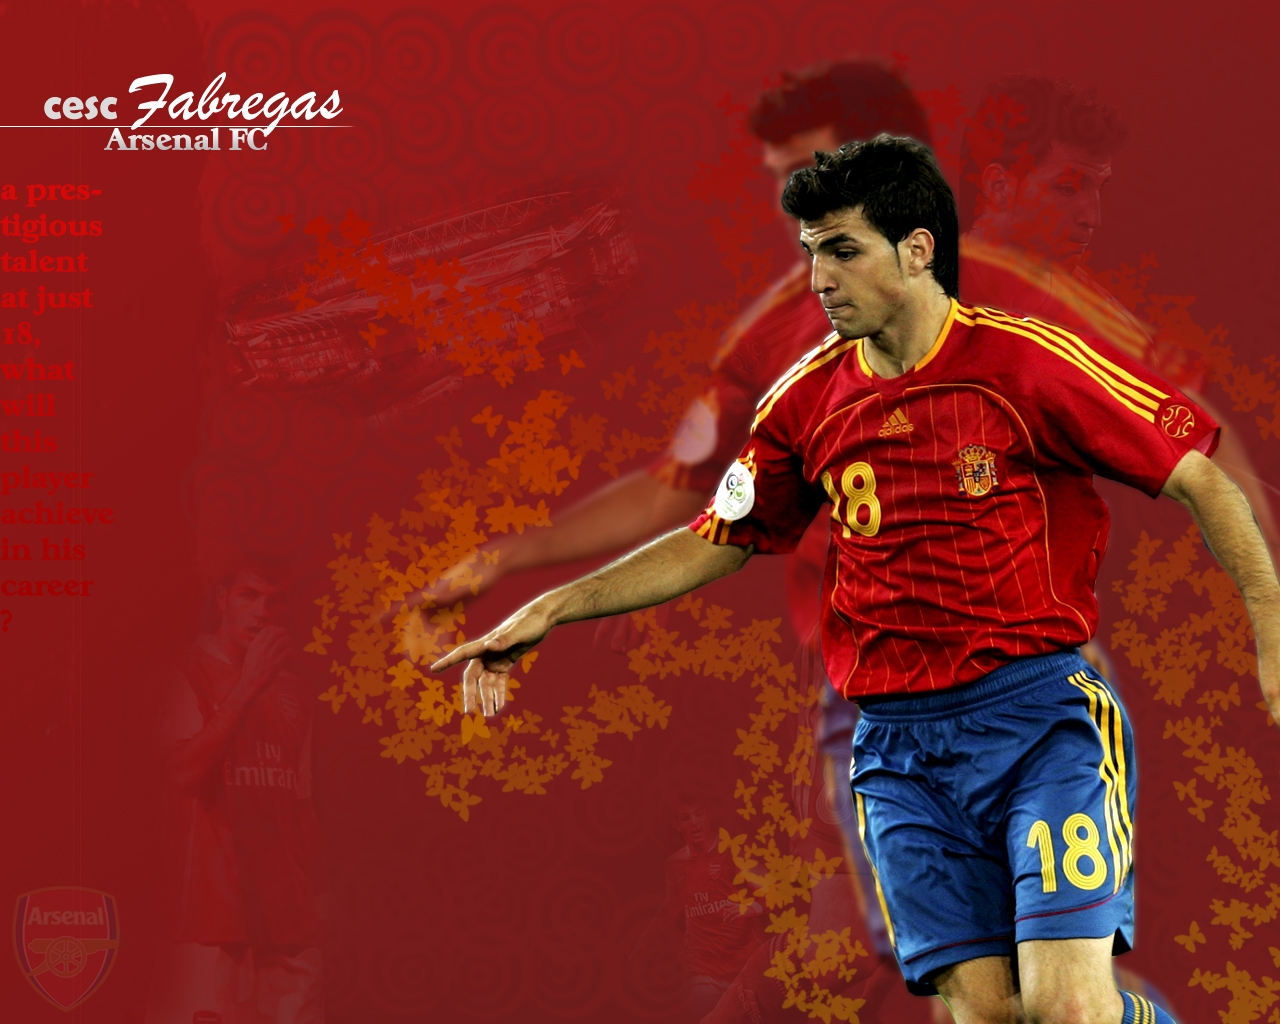 Cesc Fabregas Football Wallpaper